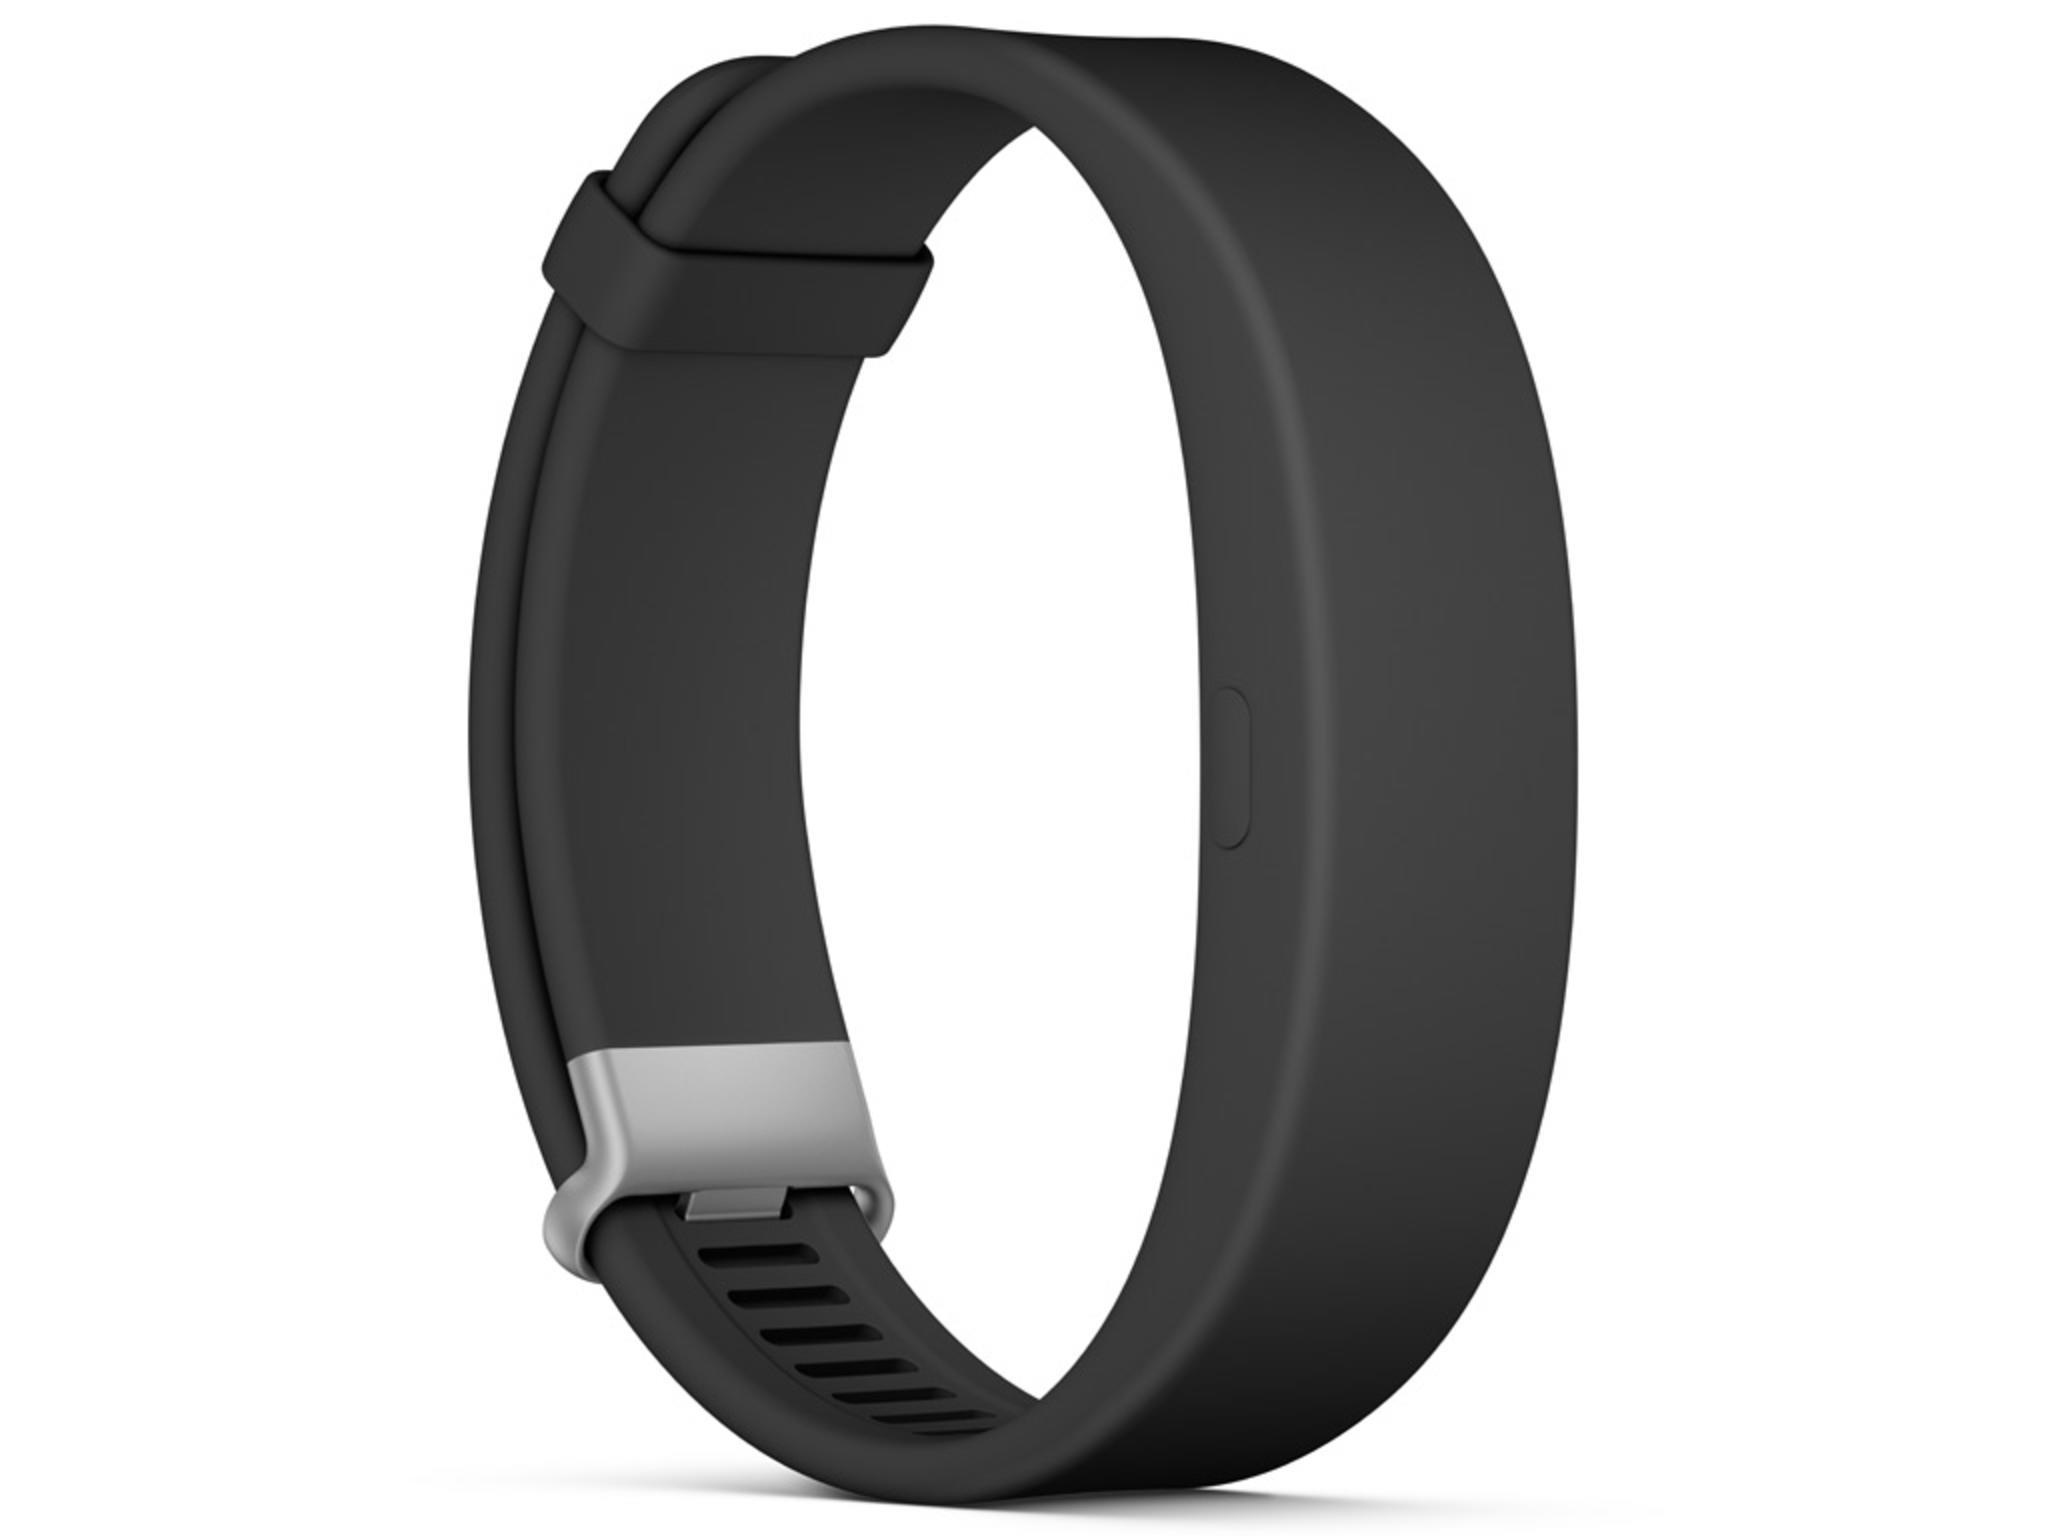 Das Wearable hat jetzt sogar einen eigenen Herzfrequenzsensor.